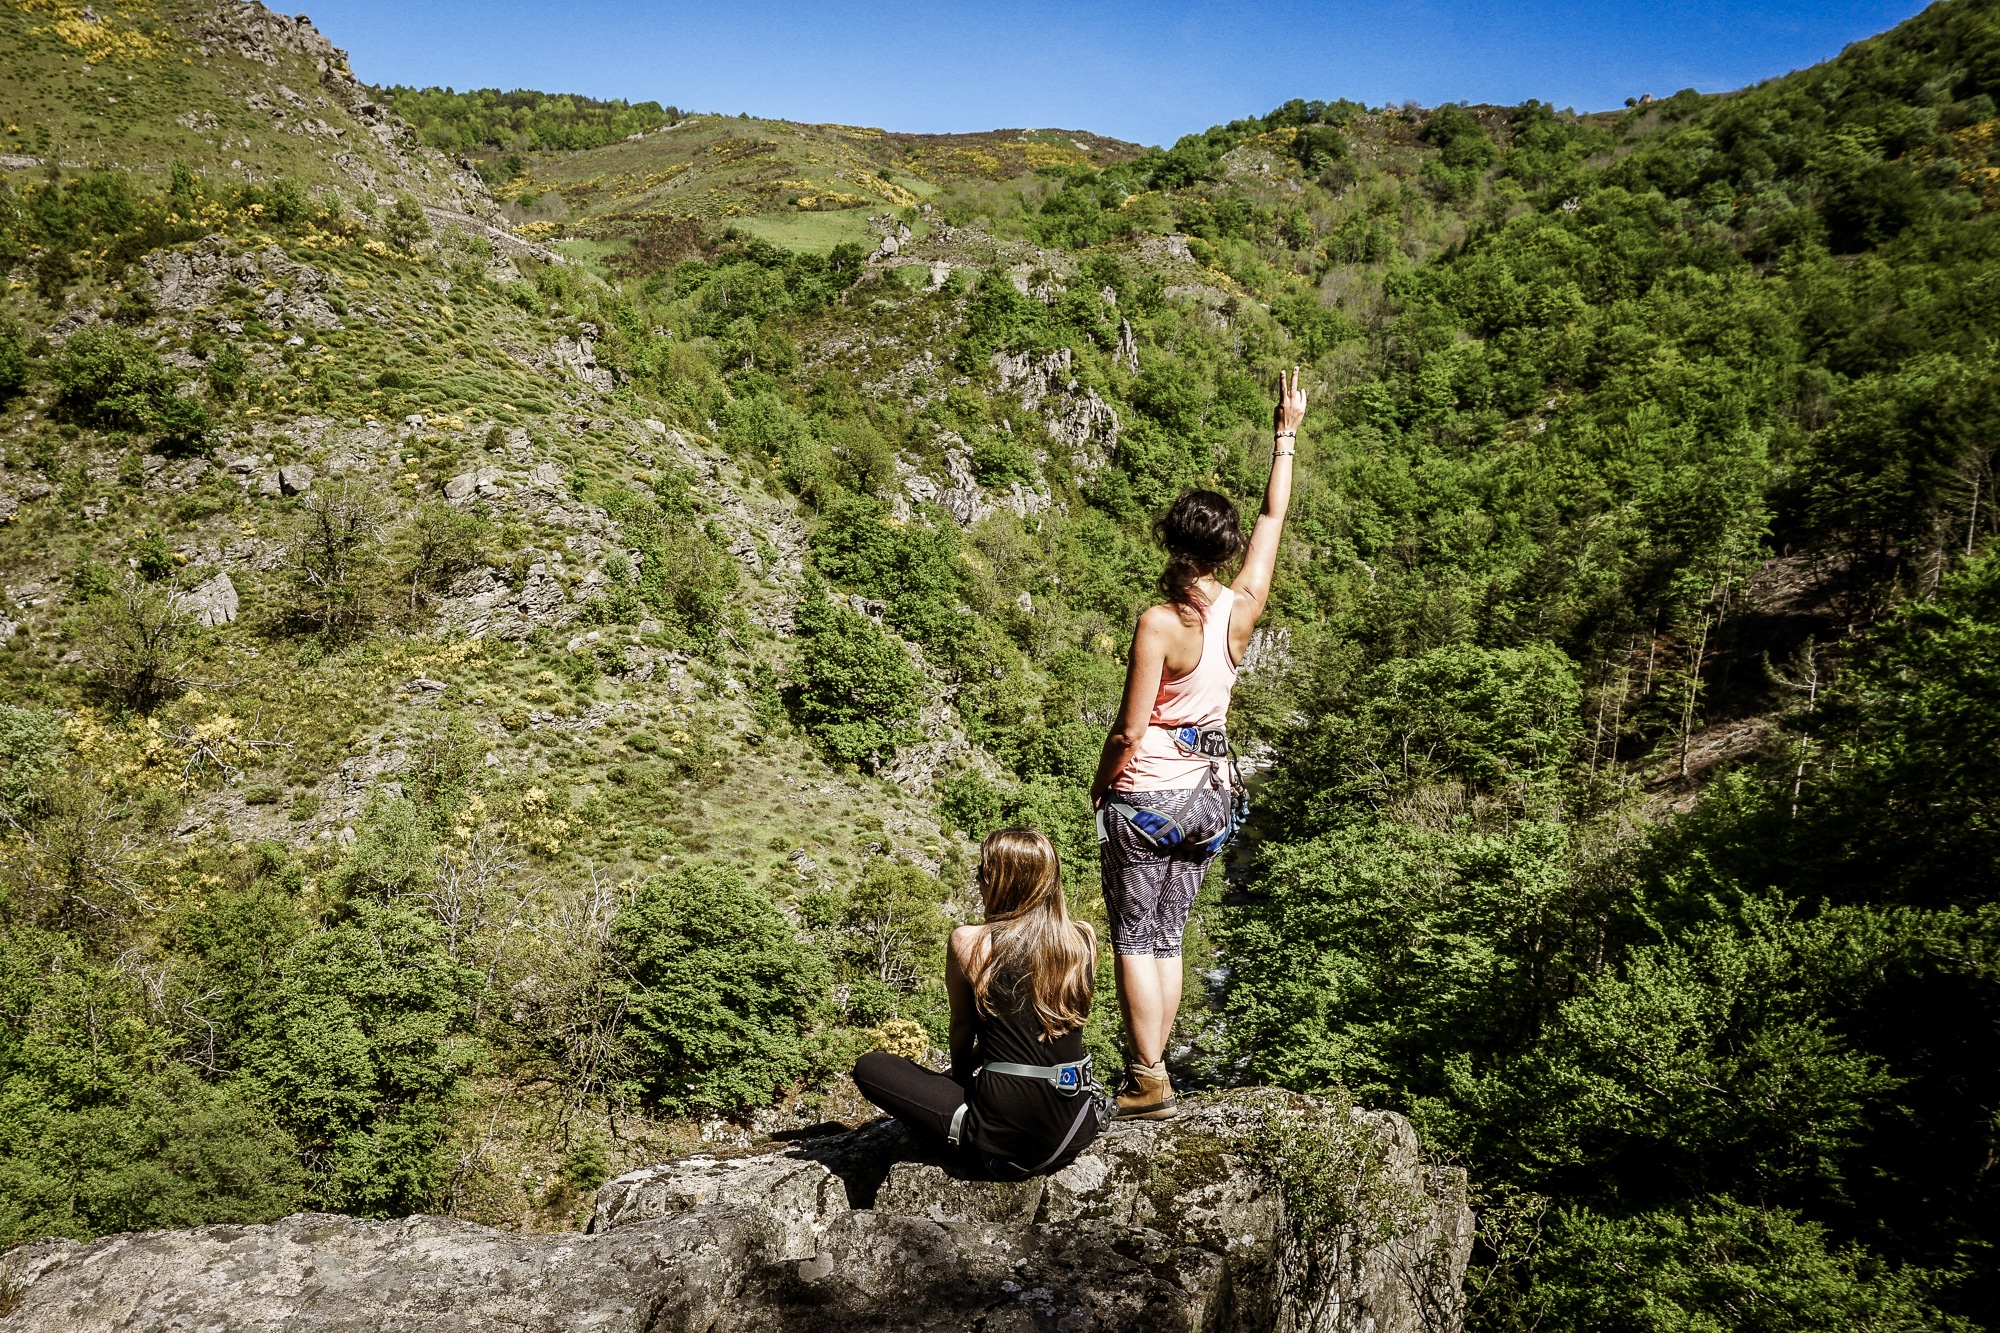 Klettern in Frankreich: Cirque des Baumes und Via Ferrata des Rousses in der Lozere